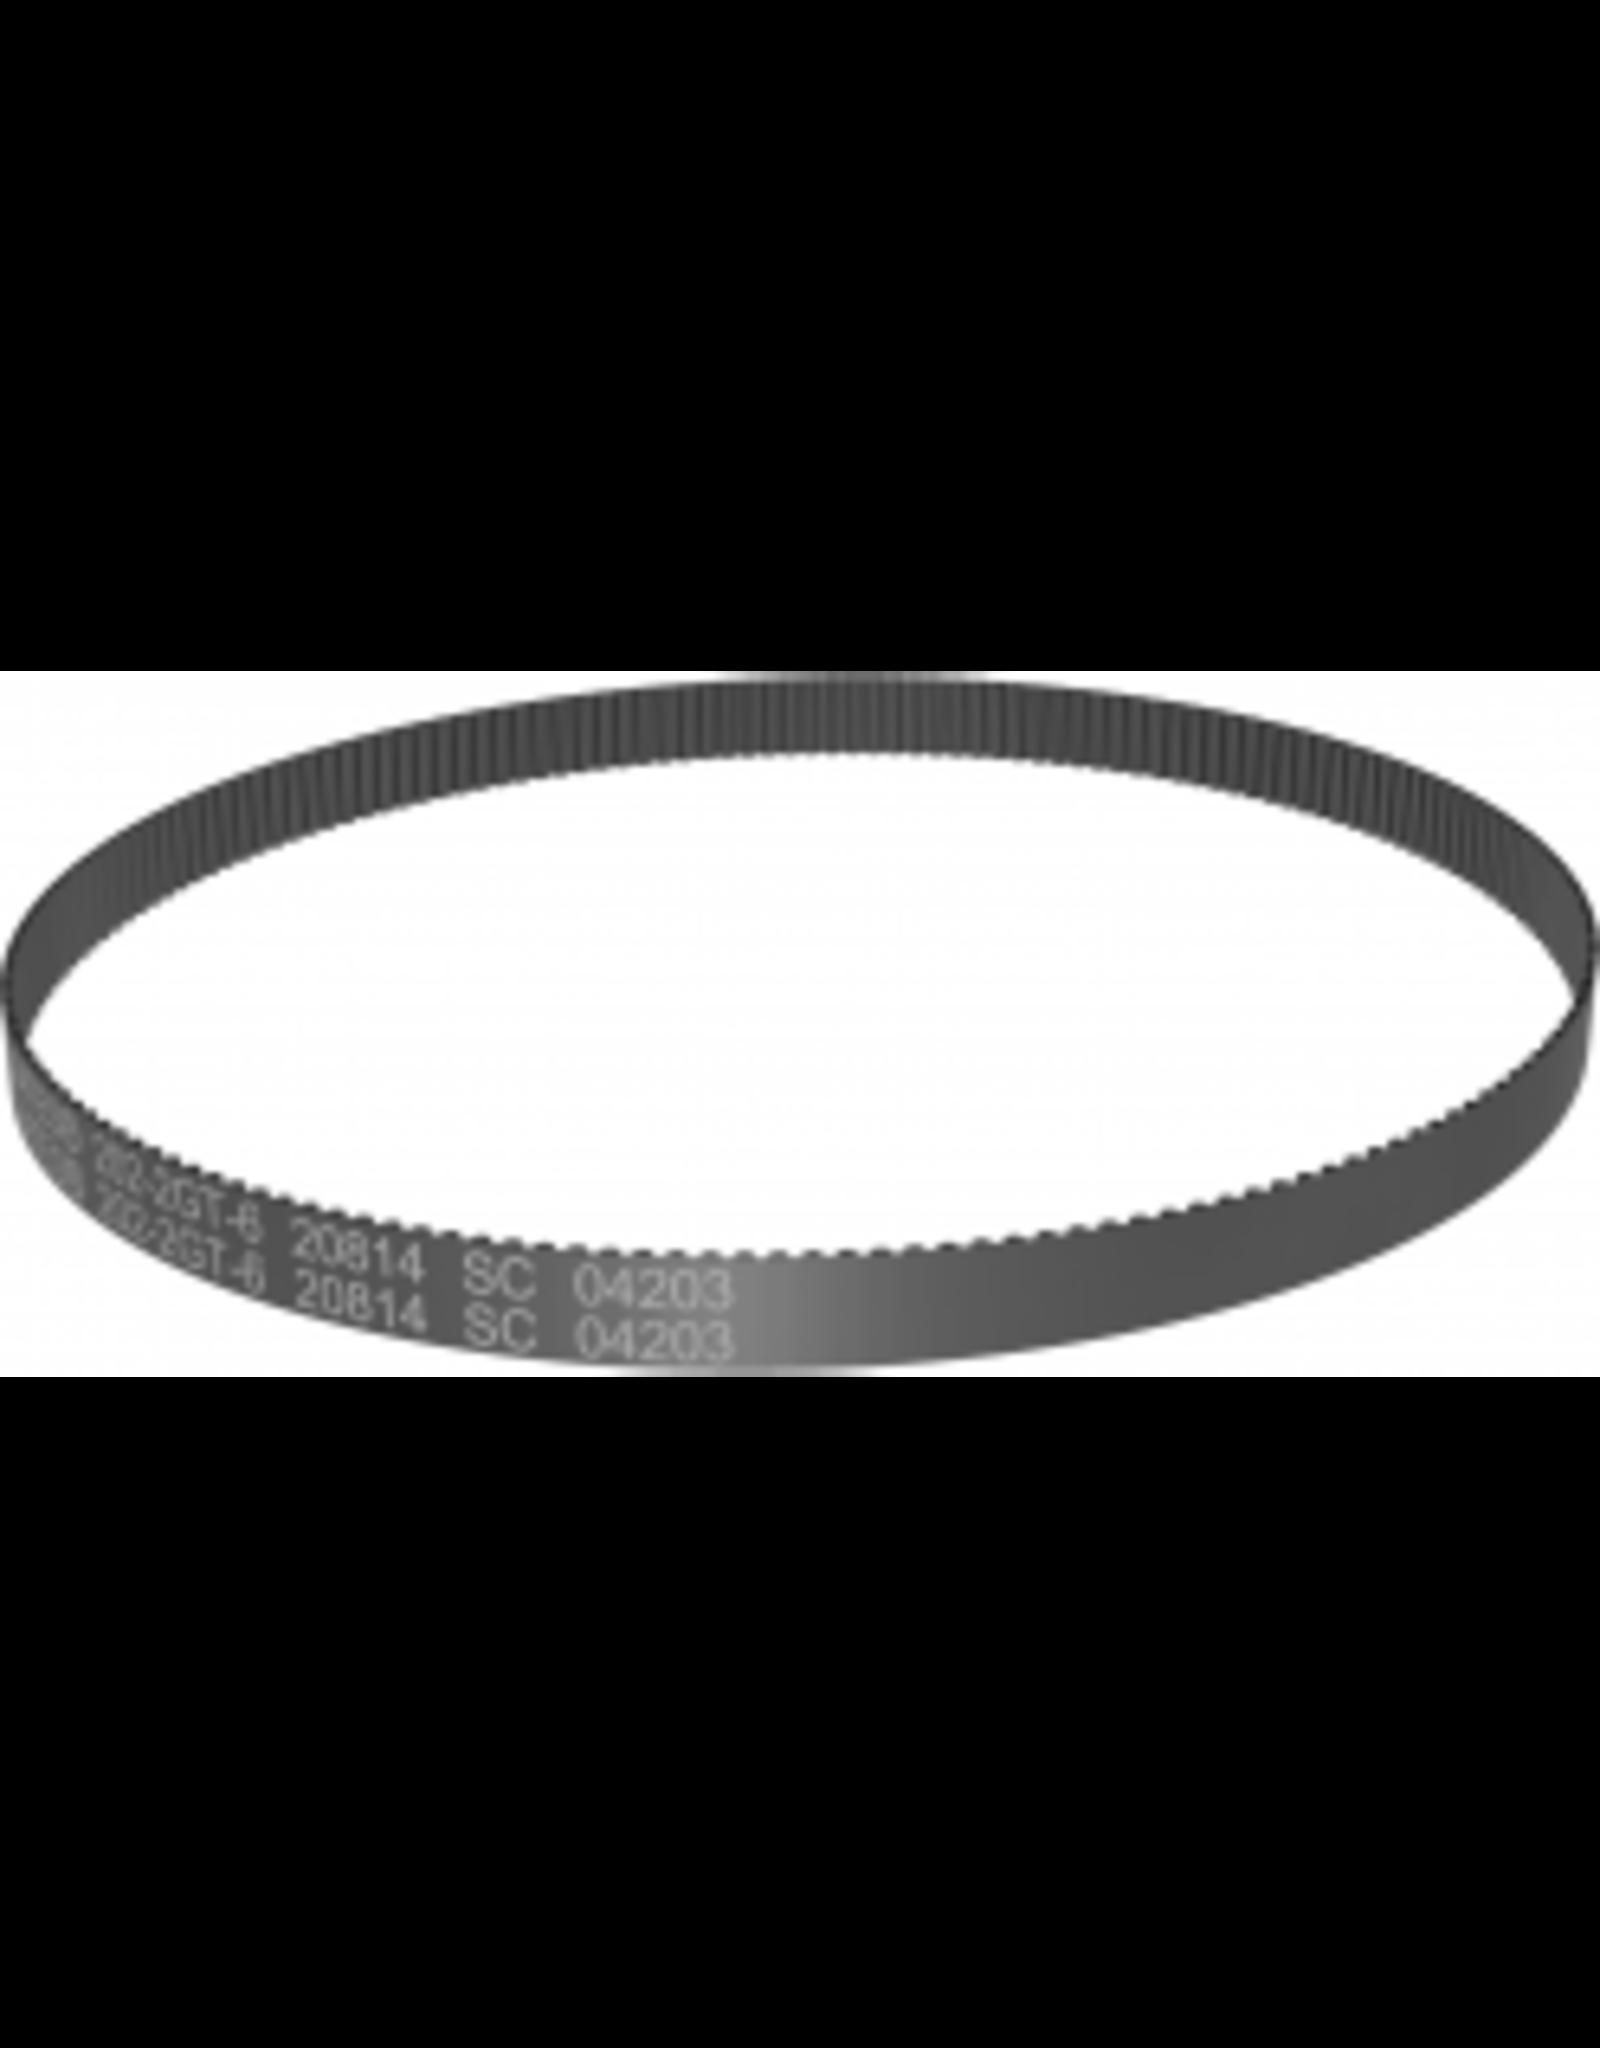 Zortrax Zortrax GT2 Belt X/Y (short)